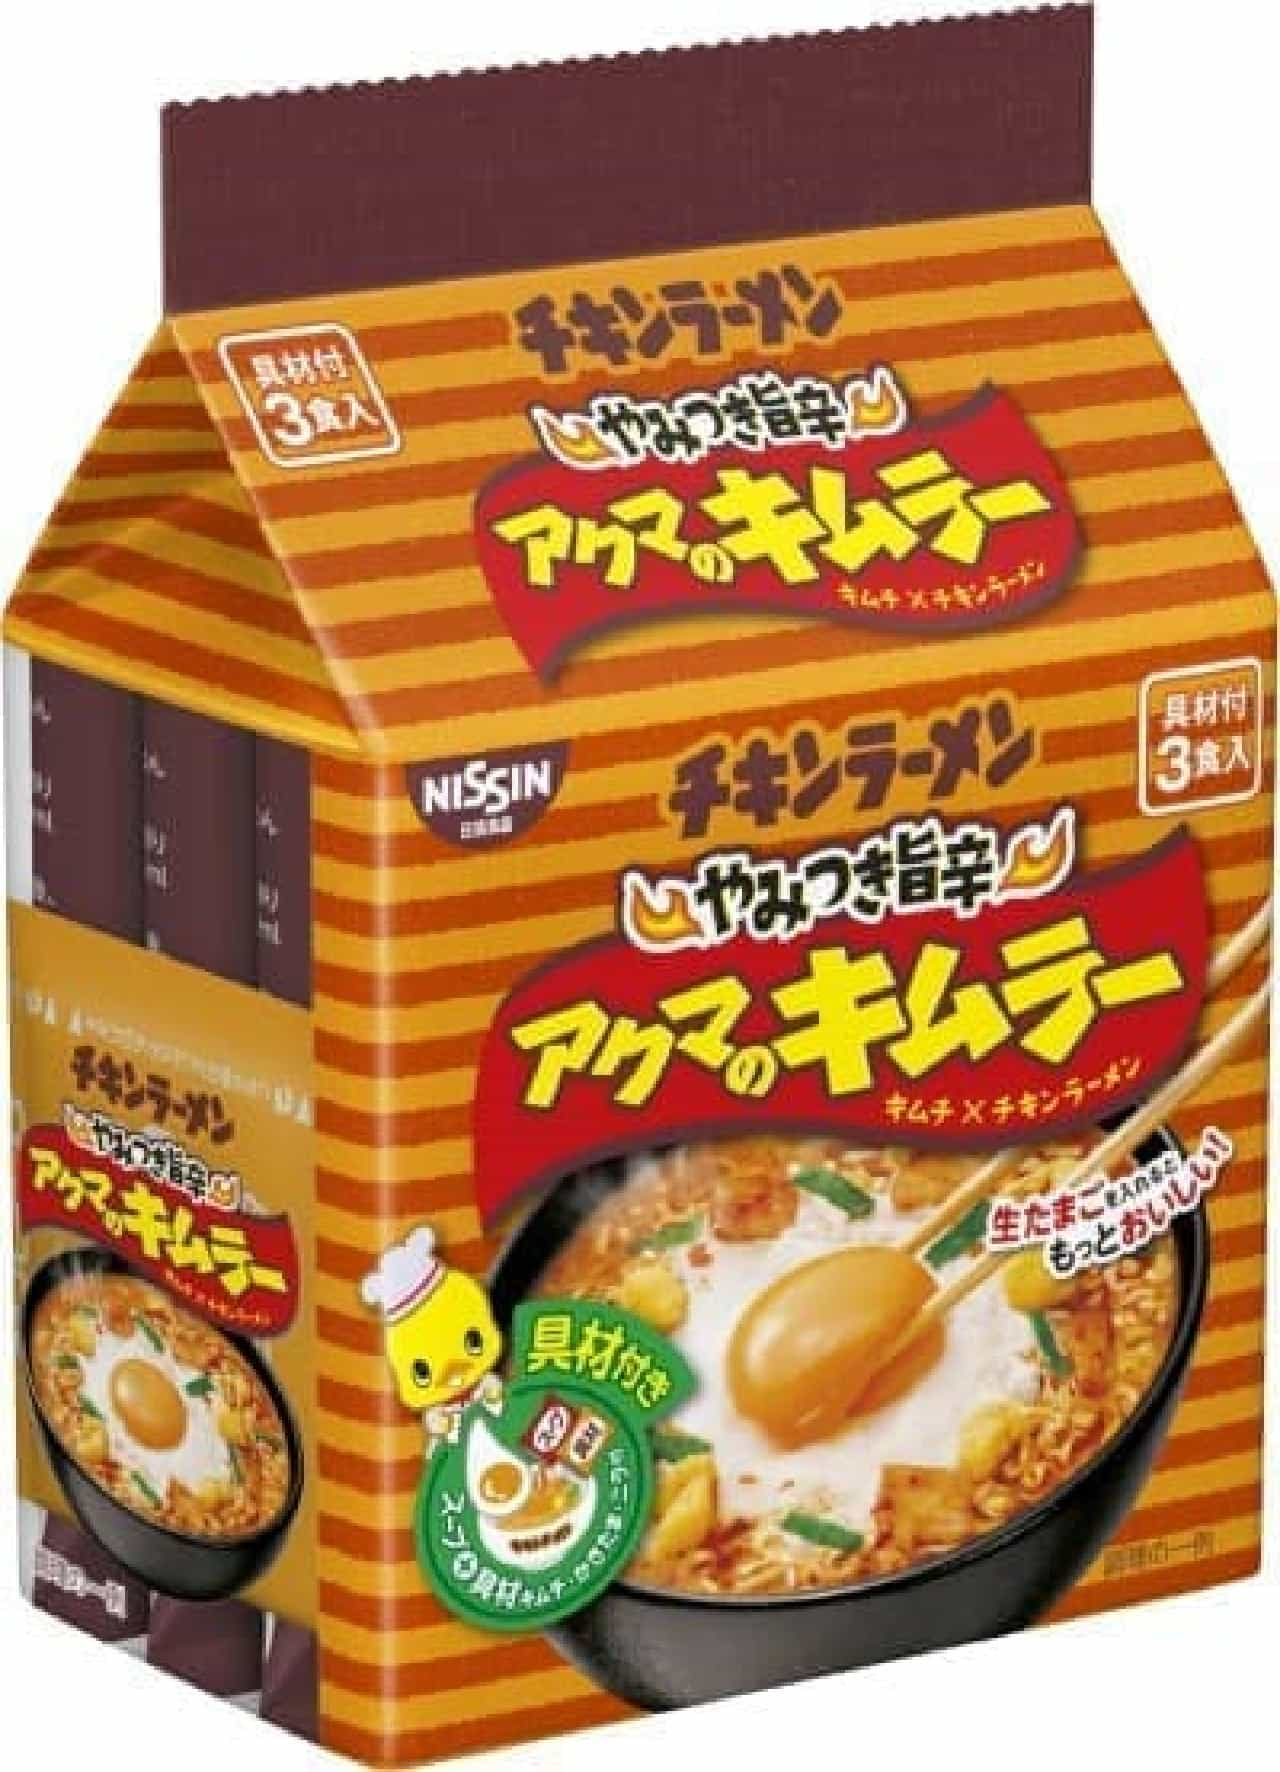 日清食品「チキンラーメン 具付き3食パック アクマのキムラー」